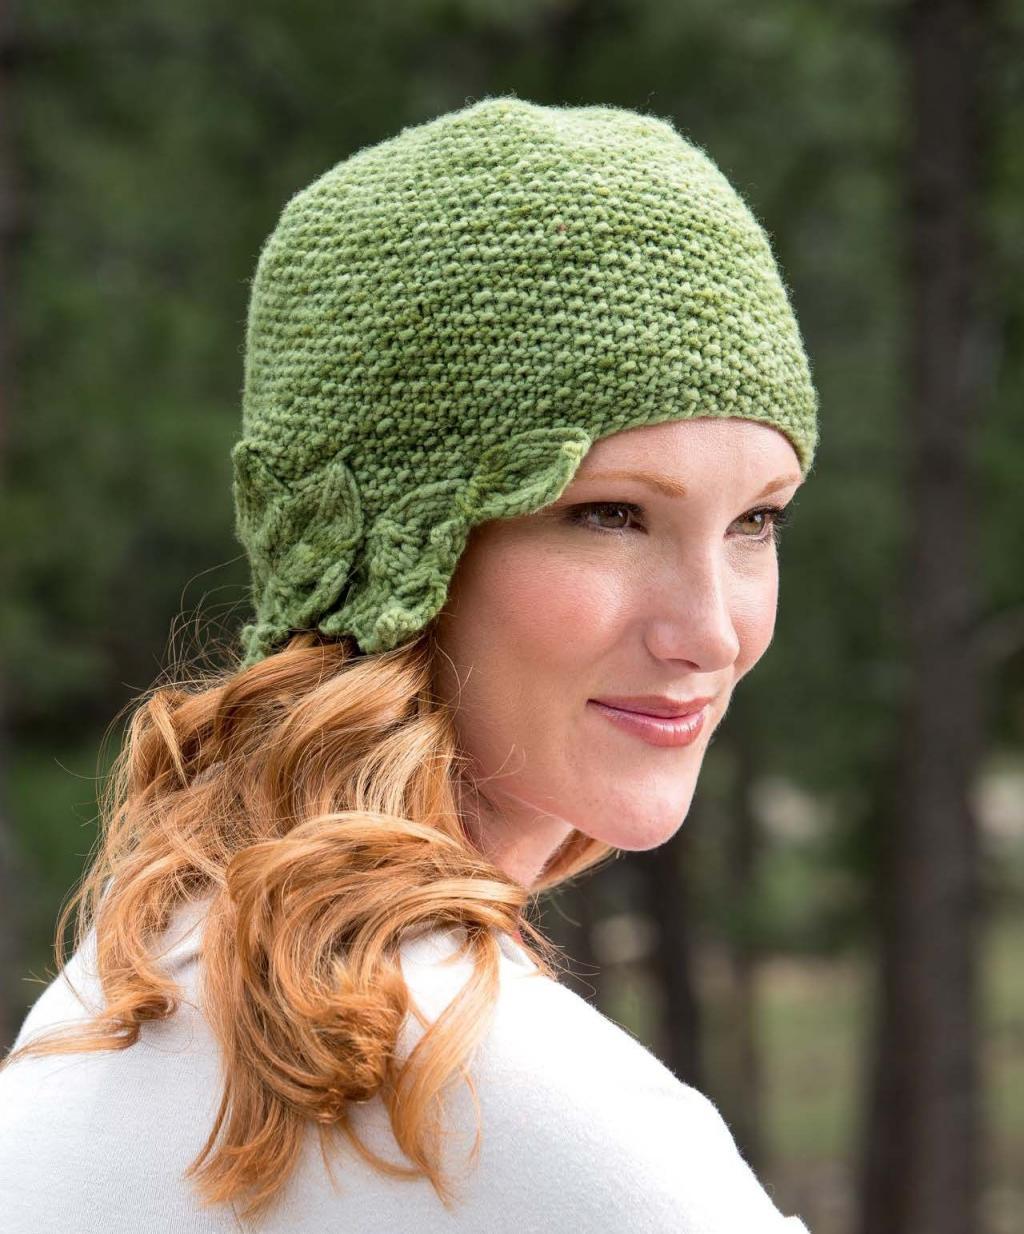 مدل کلاه بافتنی روگوشی زنانه طرح برگ